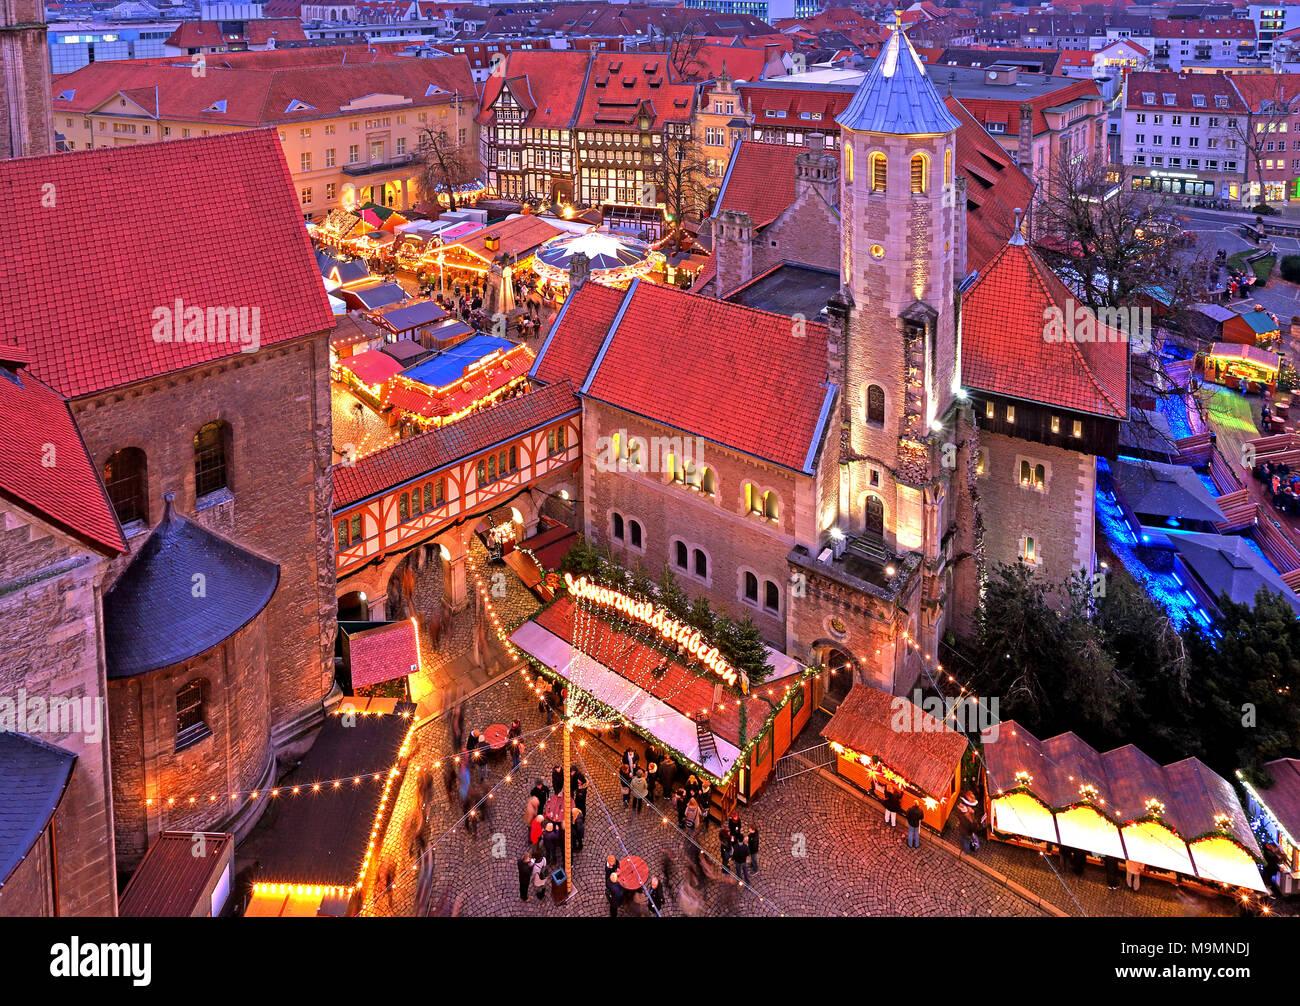 Weihnachtsmarkt Braunschweig.Weihnachtsmarkt Auf Dem Burgplatz Mit Burg Dankwarderode Dämmerung